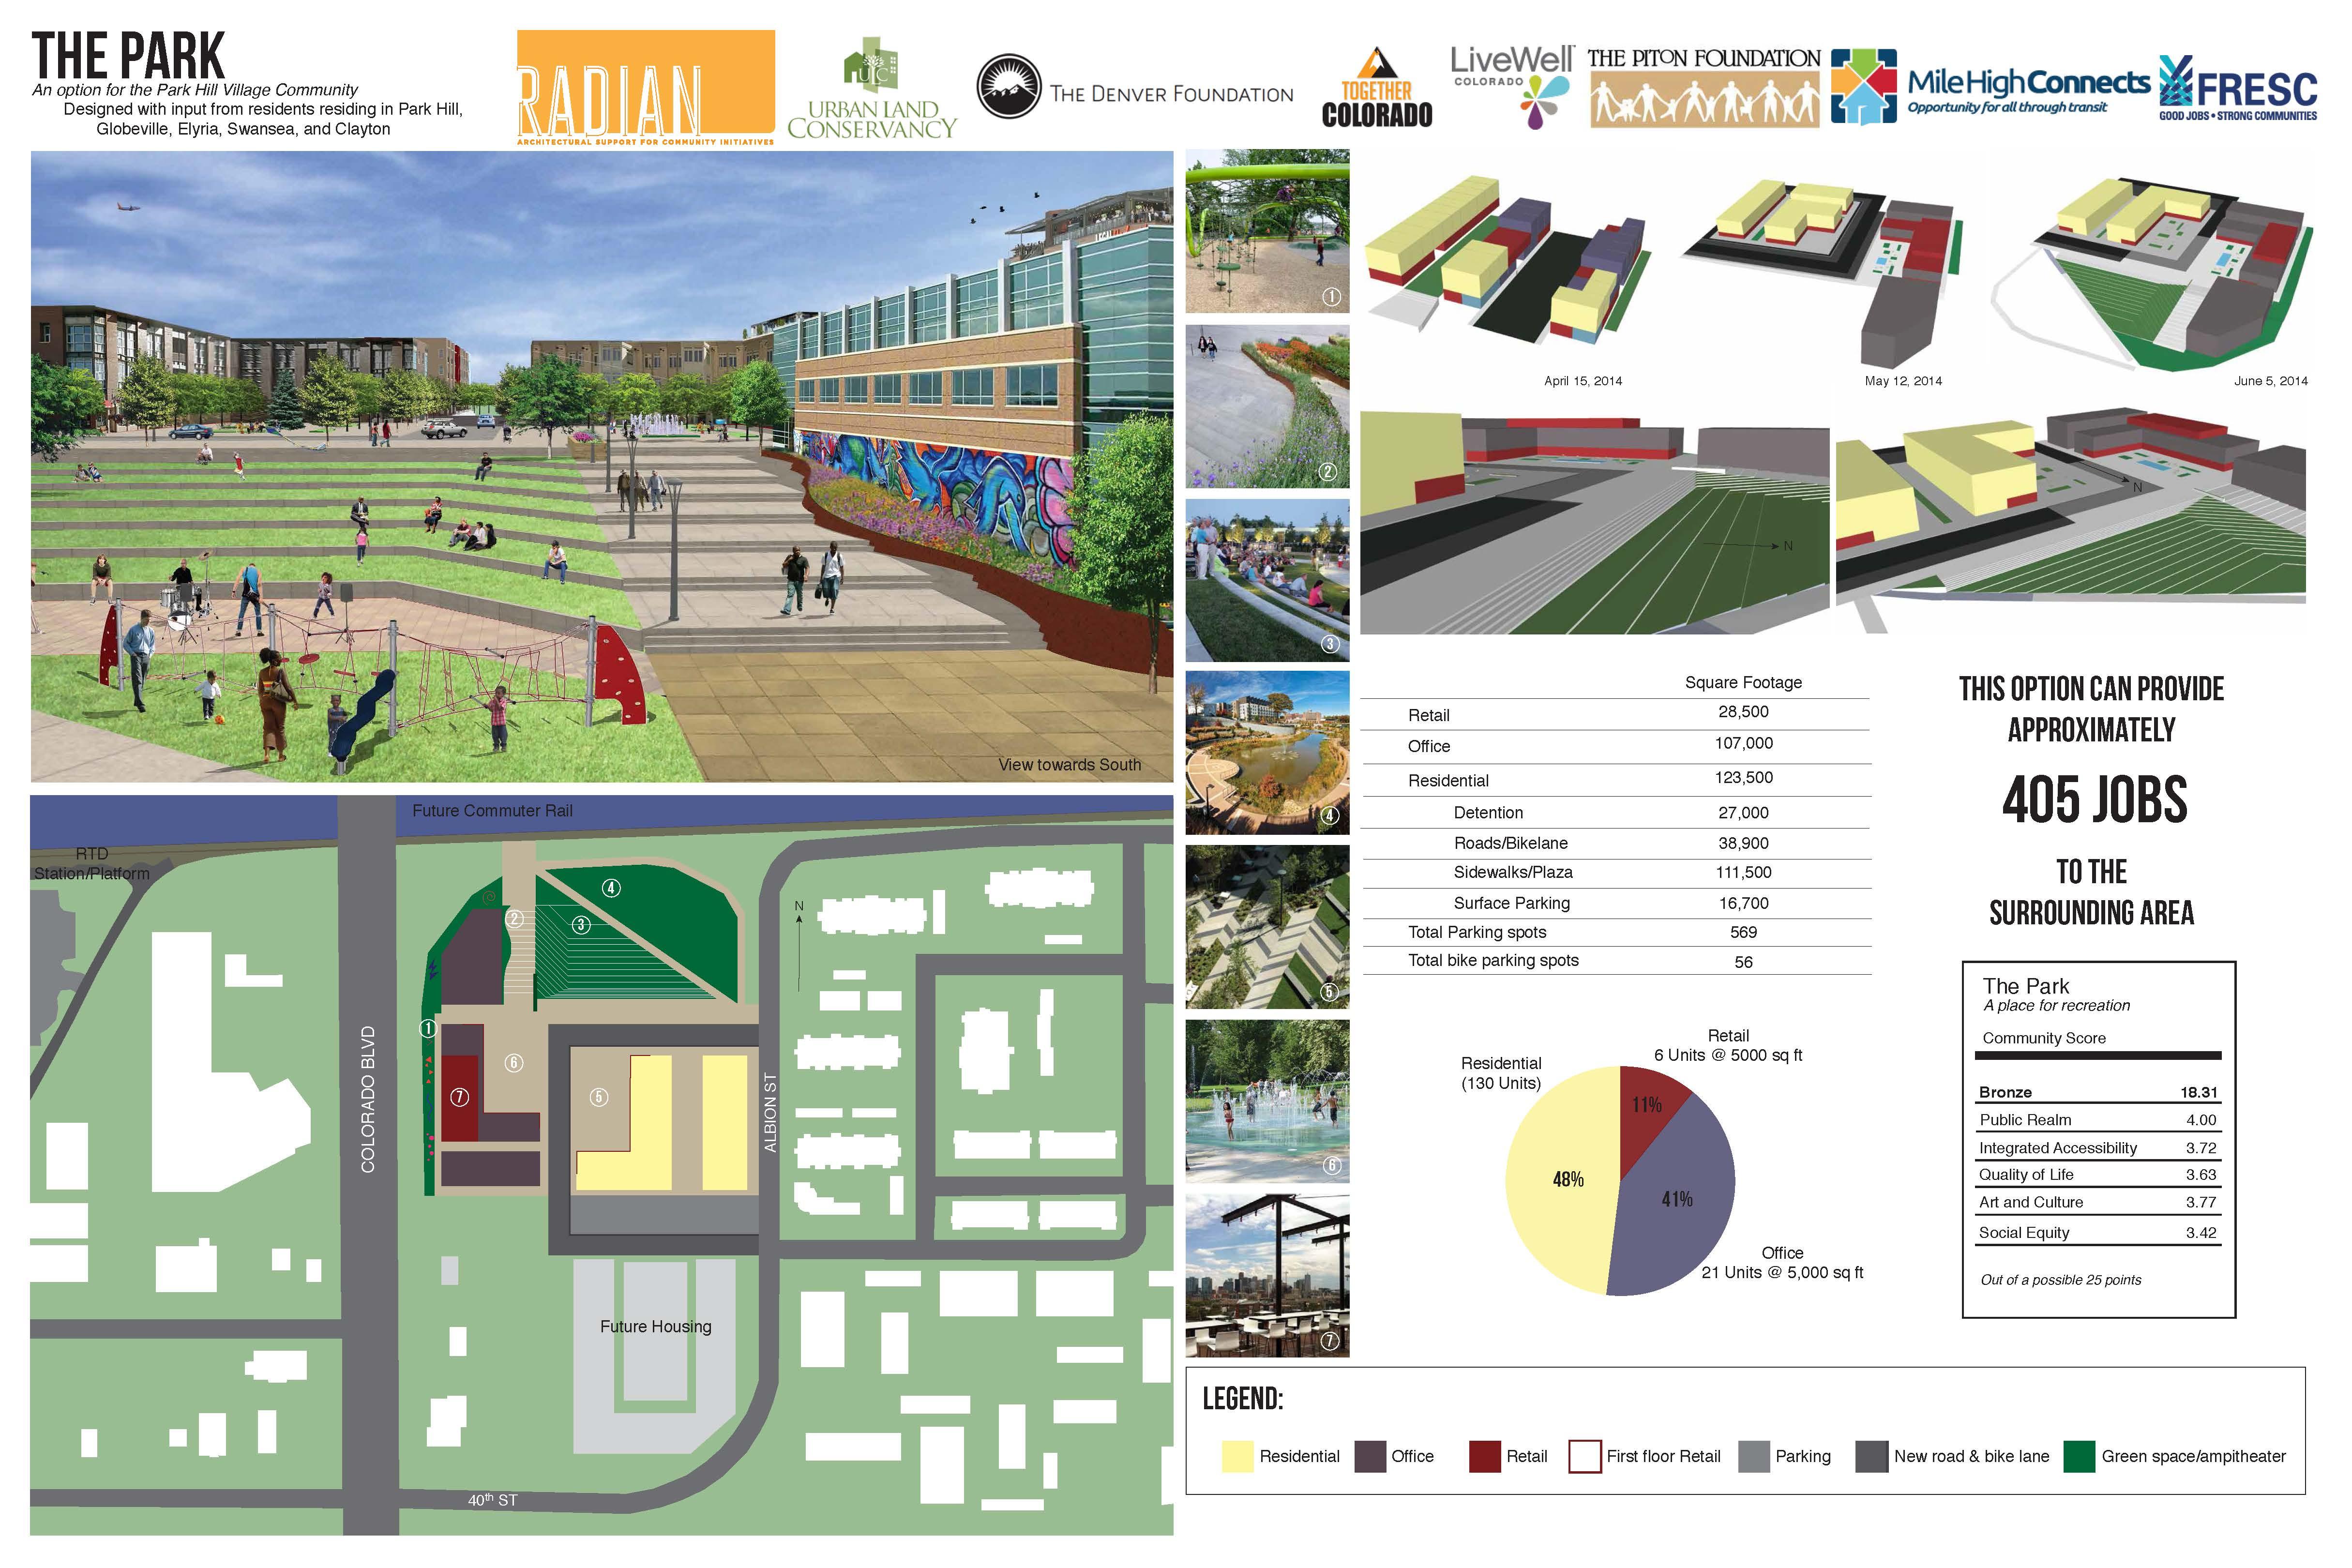 The Park Design Concept